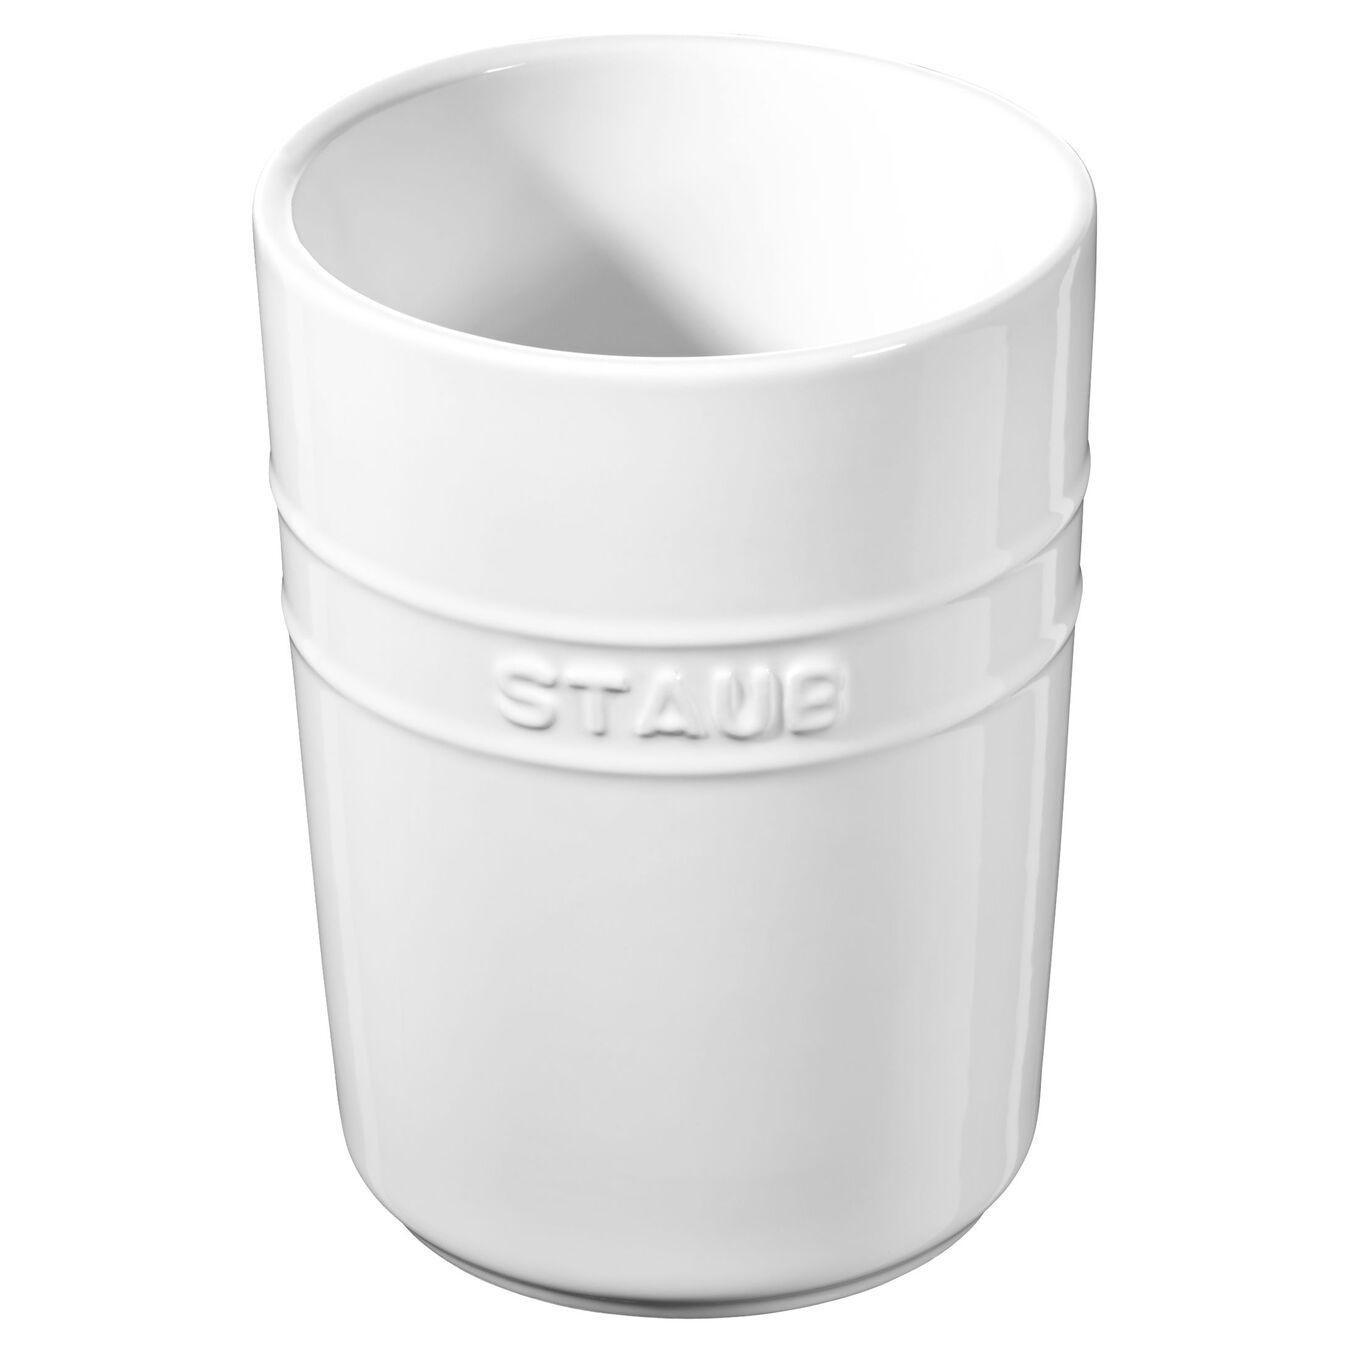 Pot à ustensiles Céramique,,large 1